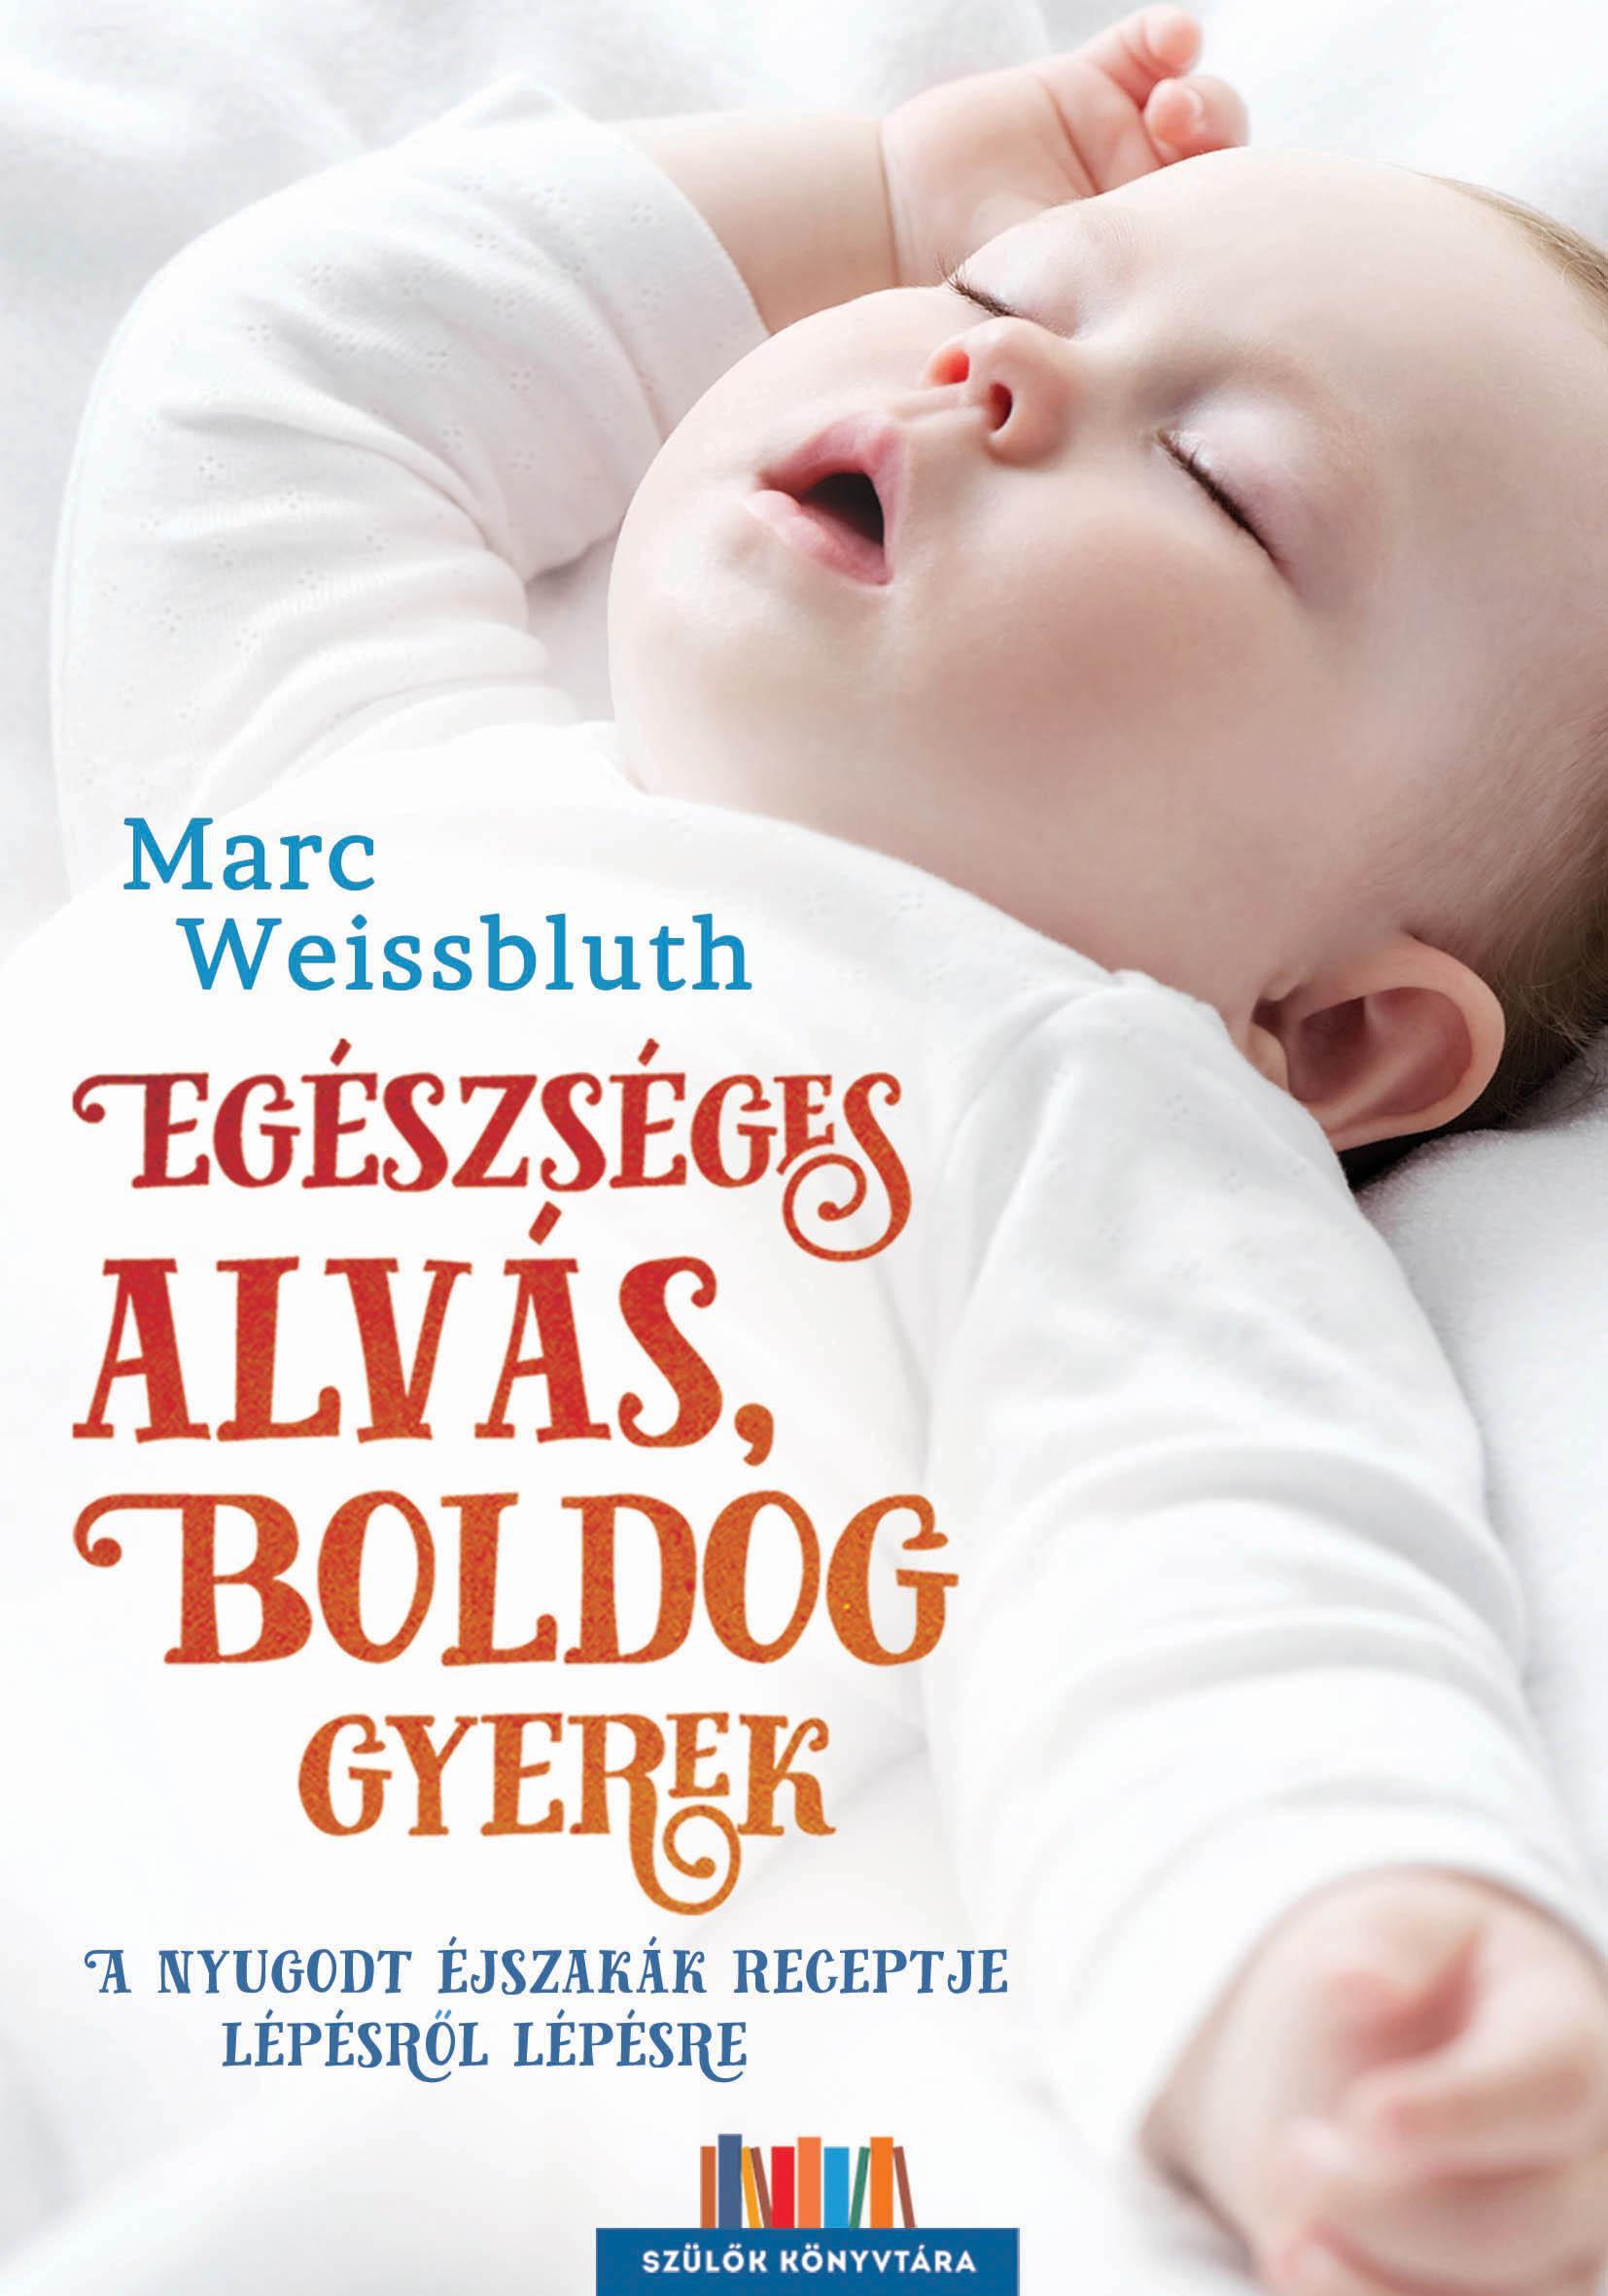 EGÉSZSÉGES ALVÁS, BOLDOG GYEREK